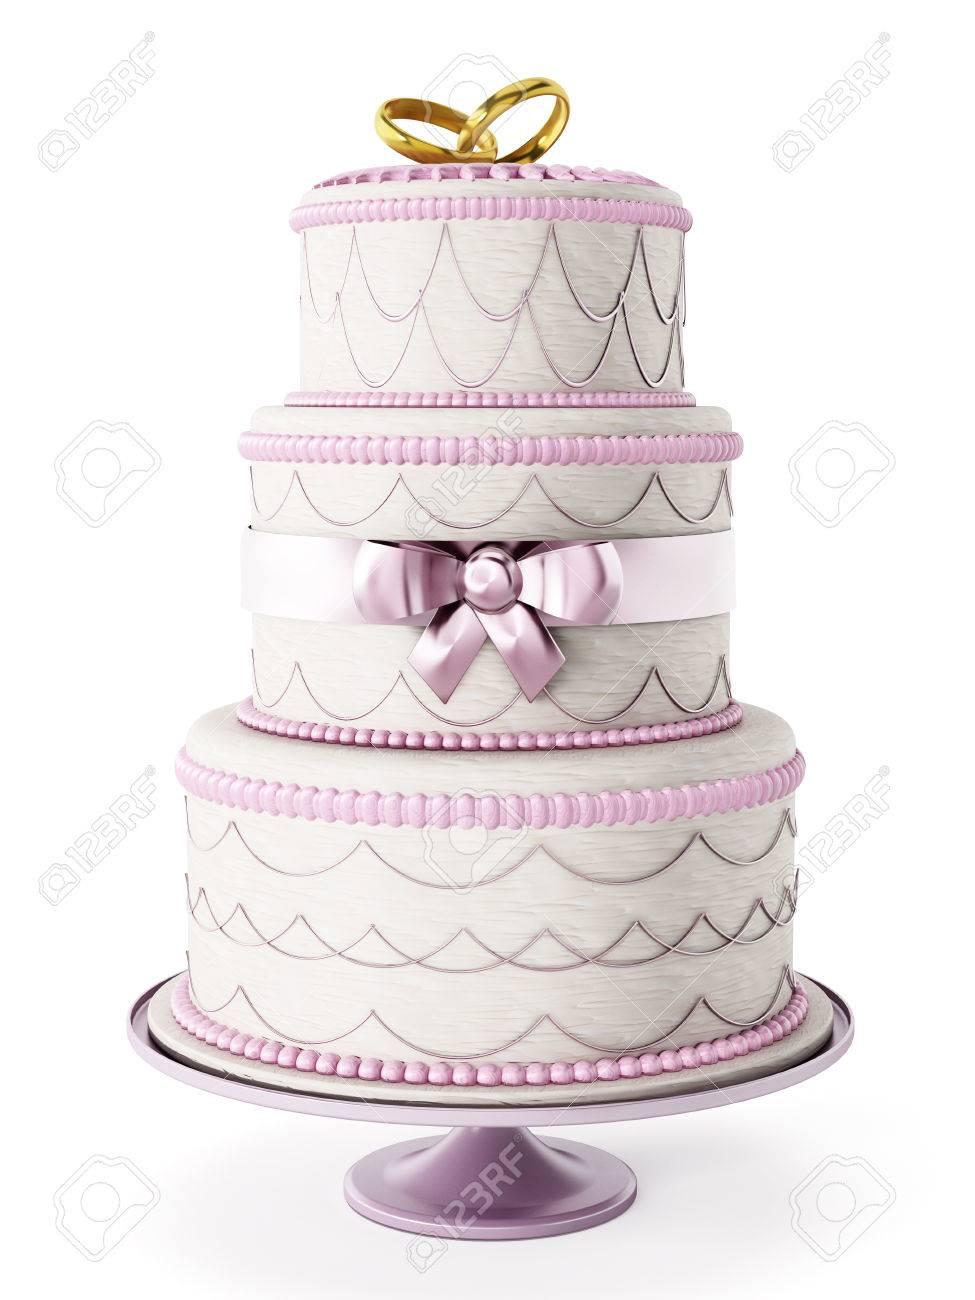 Wedding cake isolated on white background Stock Photo - 44709509